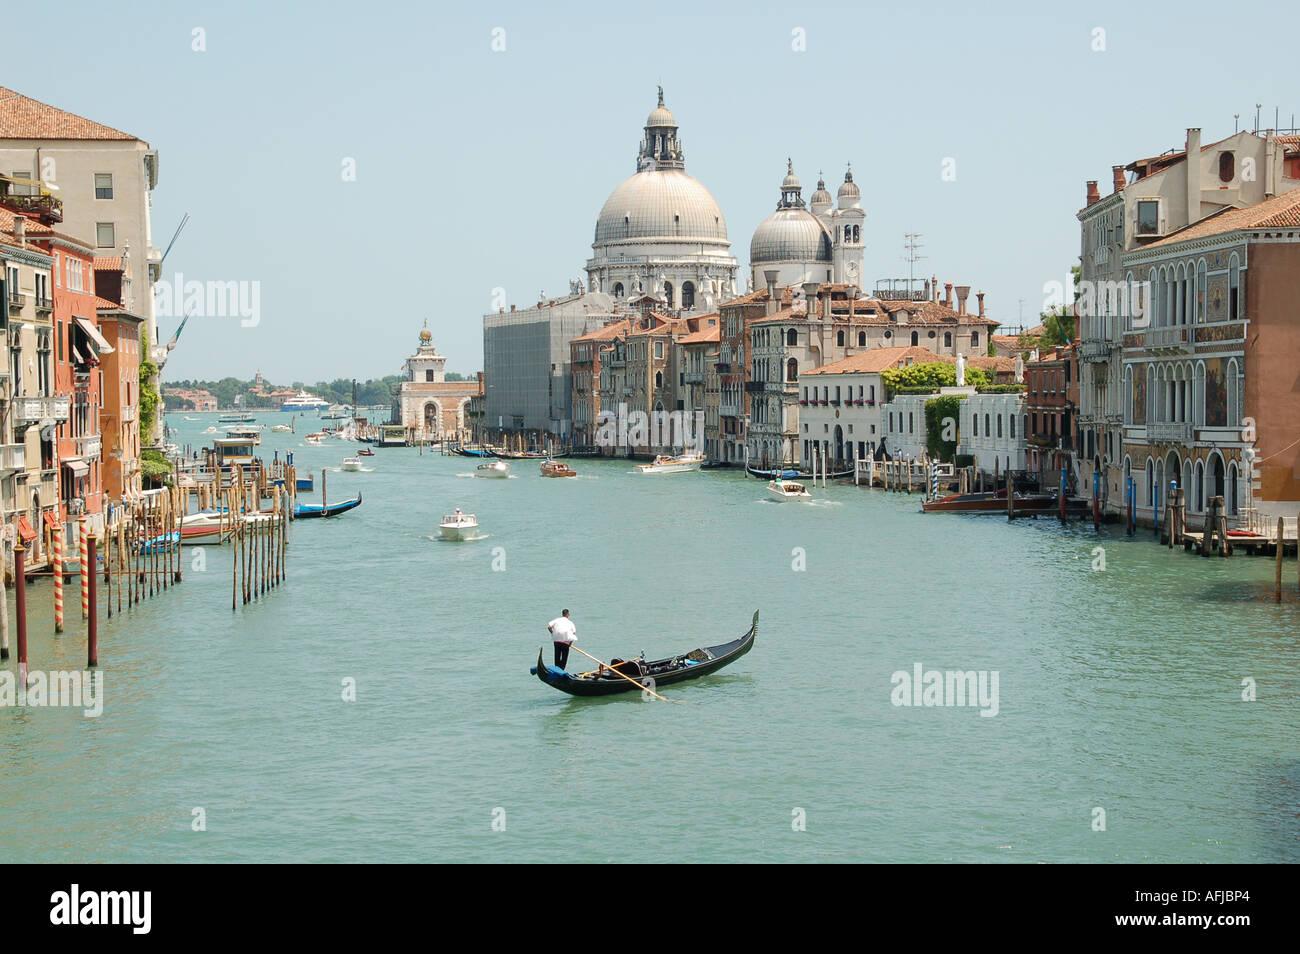 Chiesa della Salute in Dorsoduro view from Accademia Bridge Venice Italy - Stock Image